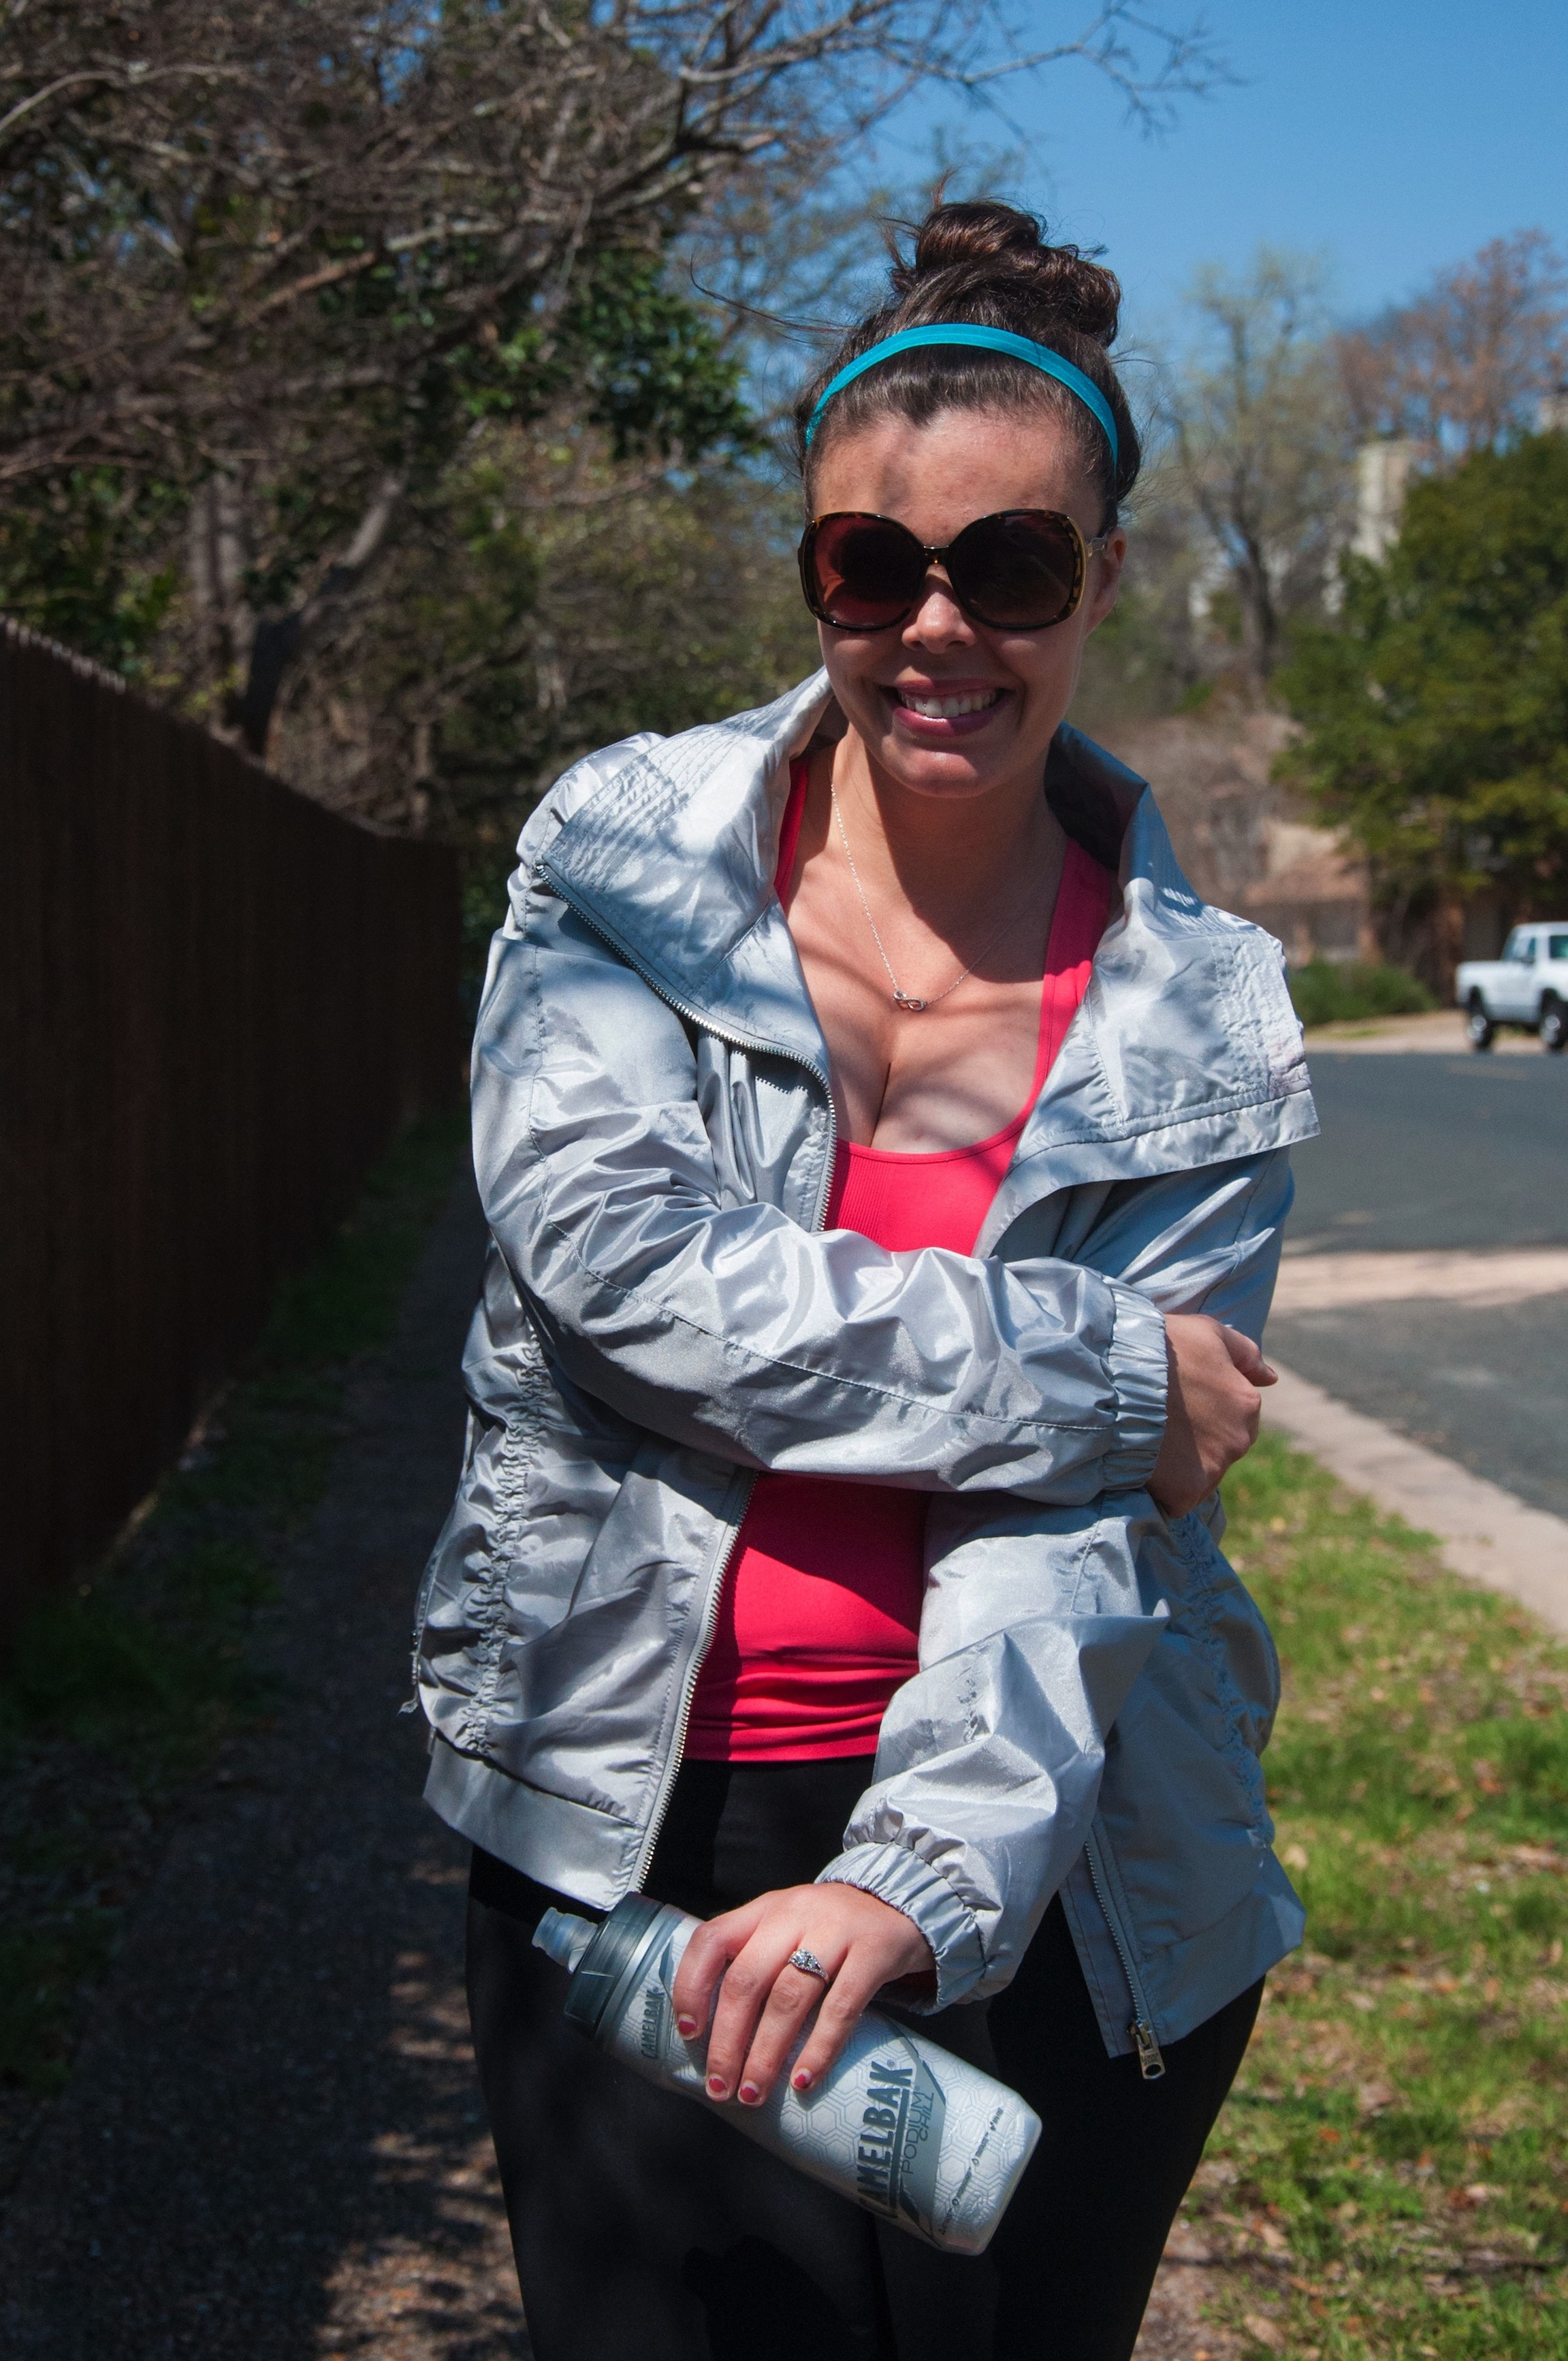 Lorna Jane silver reflective jacket